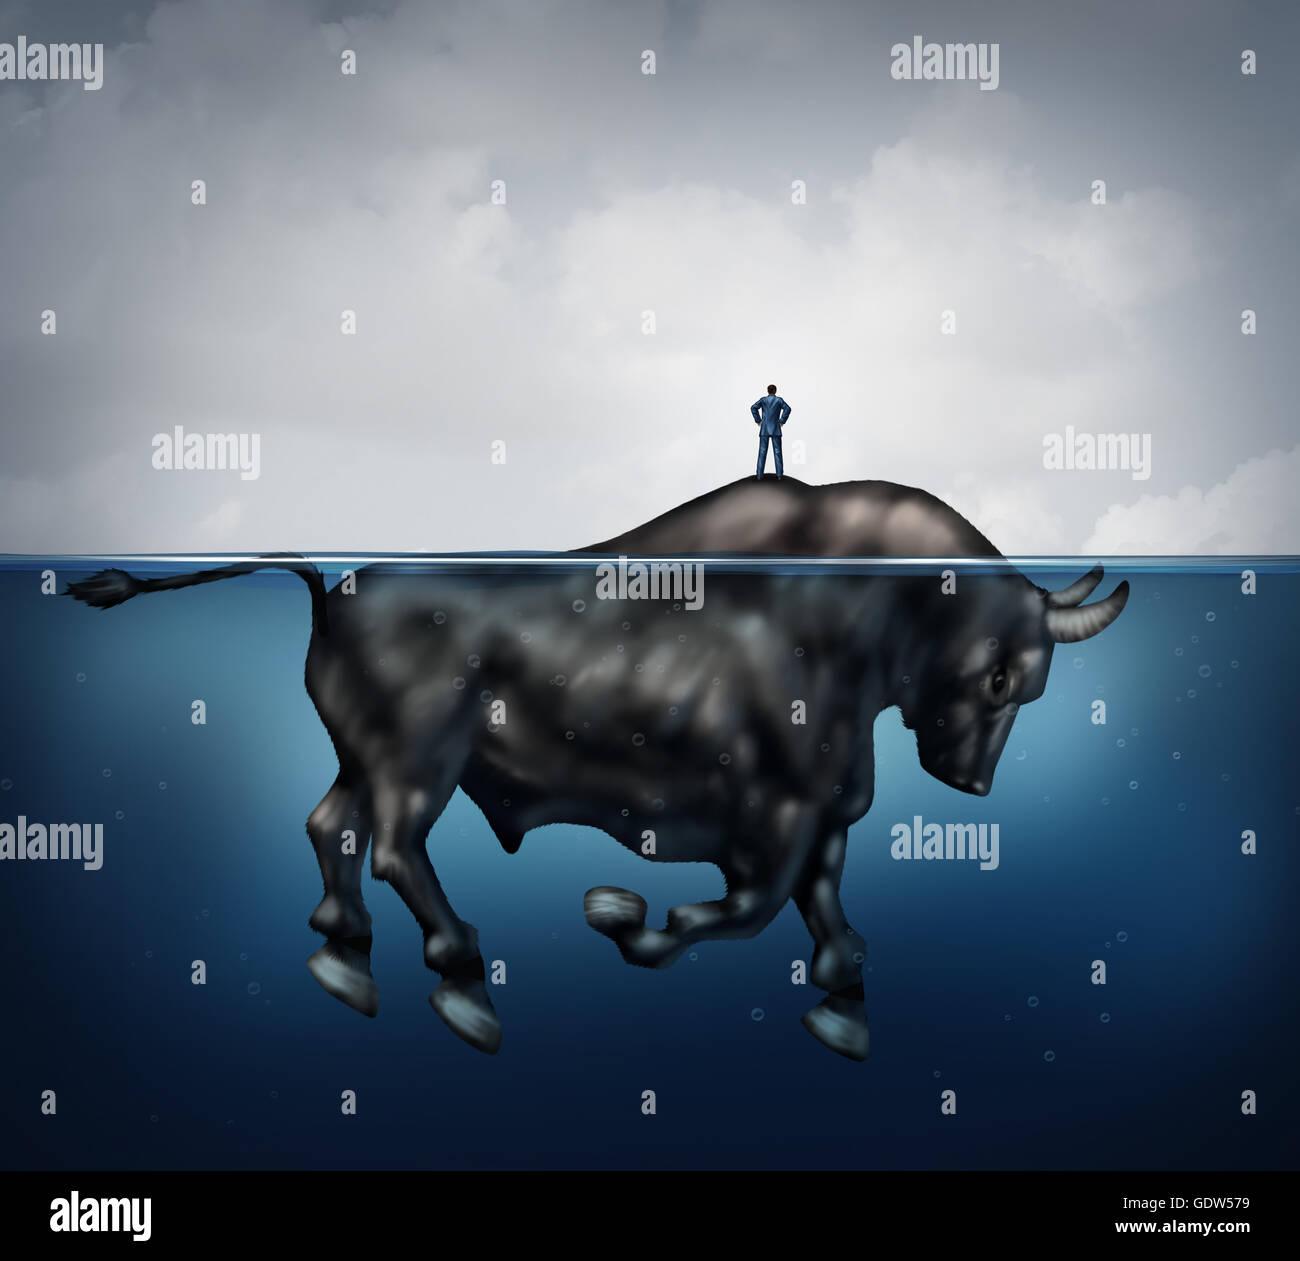 Suche nach Wohlstand Erfolg und versteckte bullish Markt Finanzkonzept als verwirrt und verloren Geschäftsmann Stockbild